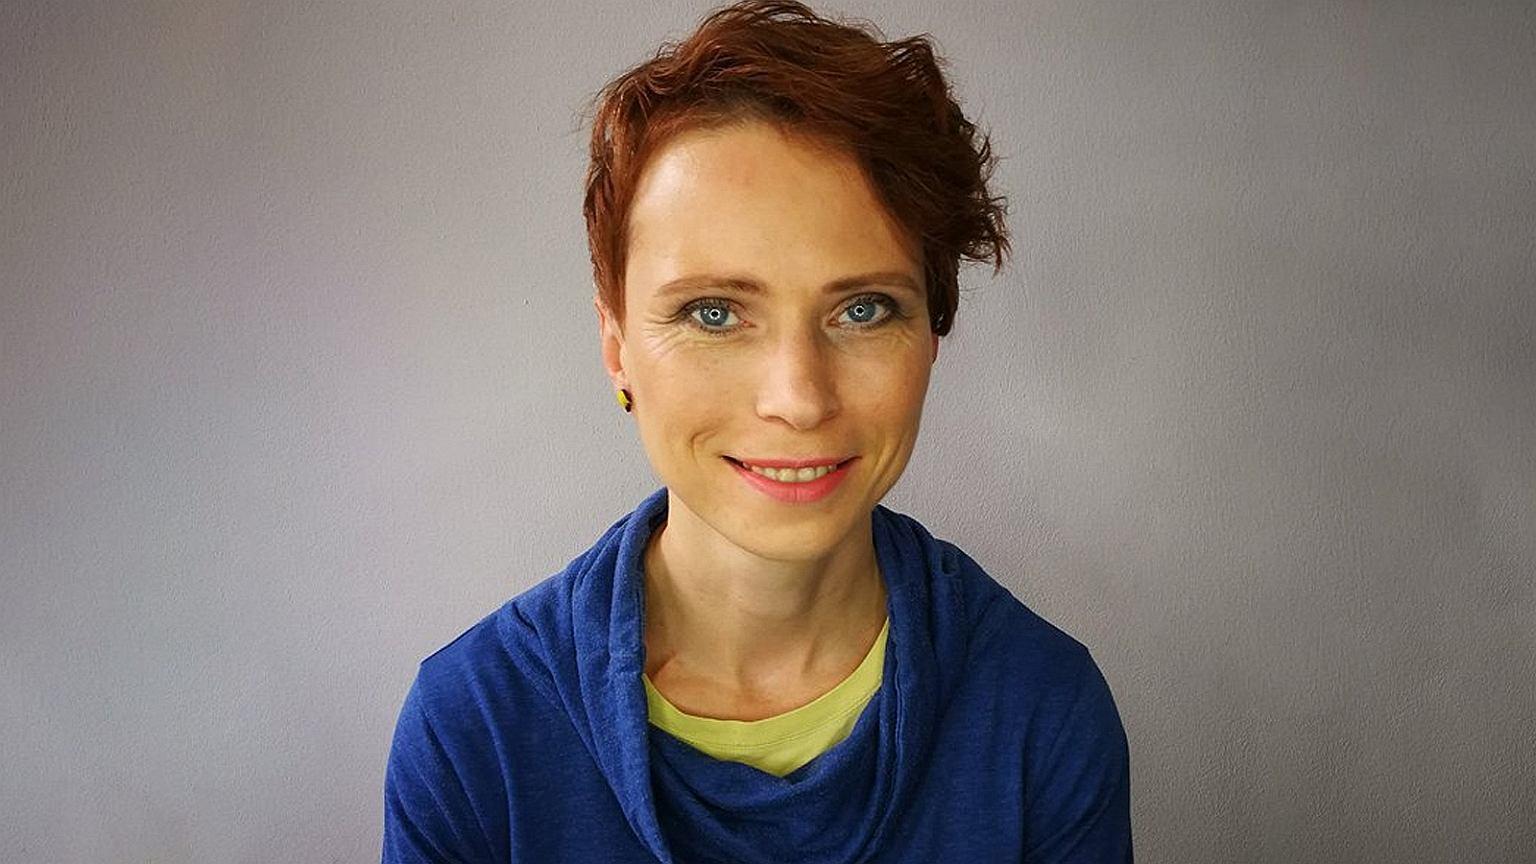 Kaśka, żona Tomka, pierwsze objawy raka trzustki miała w 2013 roku